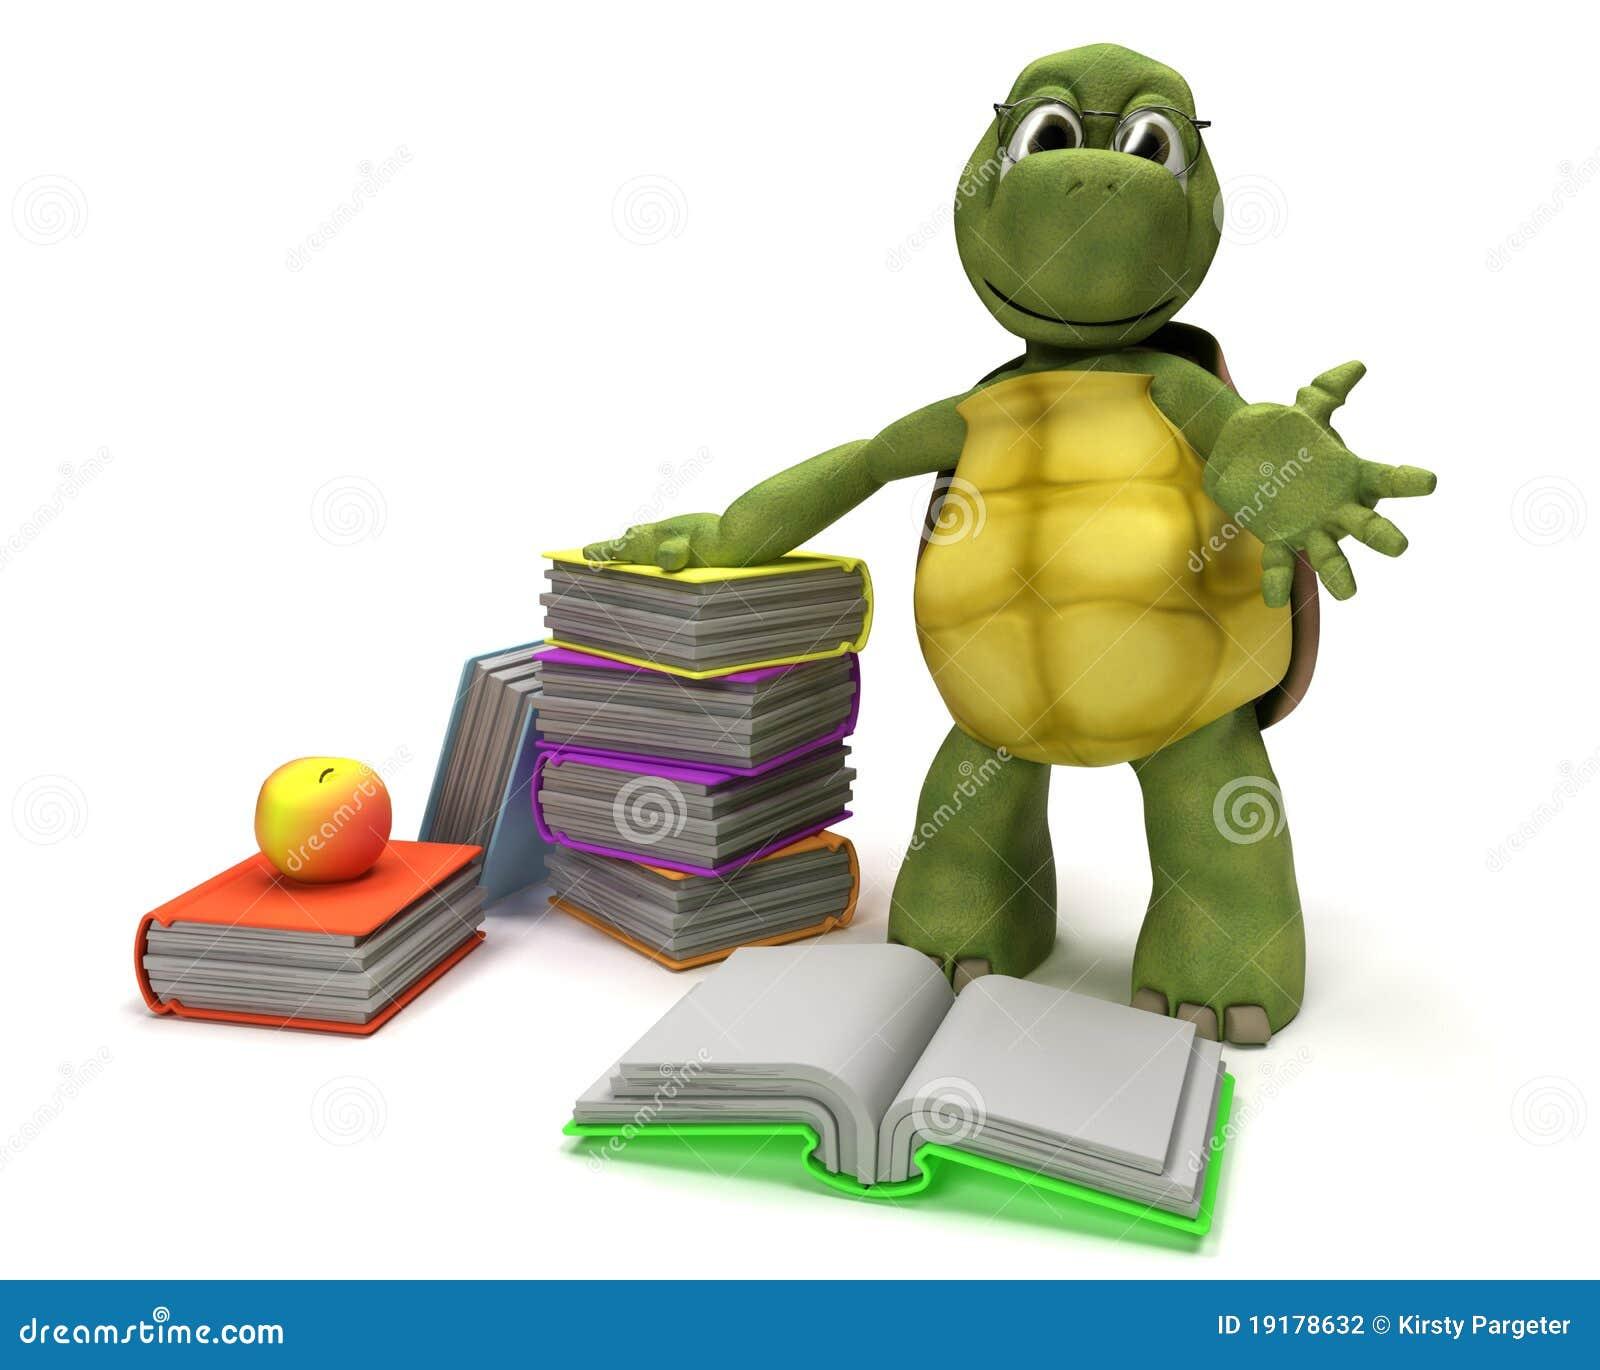 Tortoise Reading Book Stock Illustrations – 26 Tortoise Reading Book ...